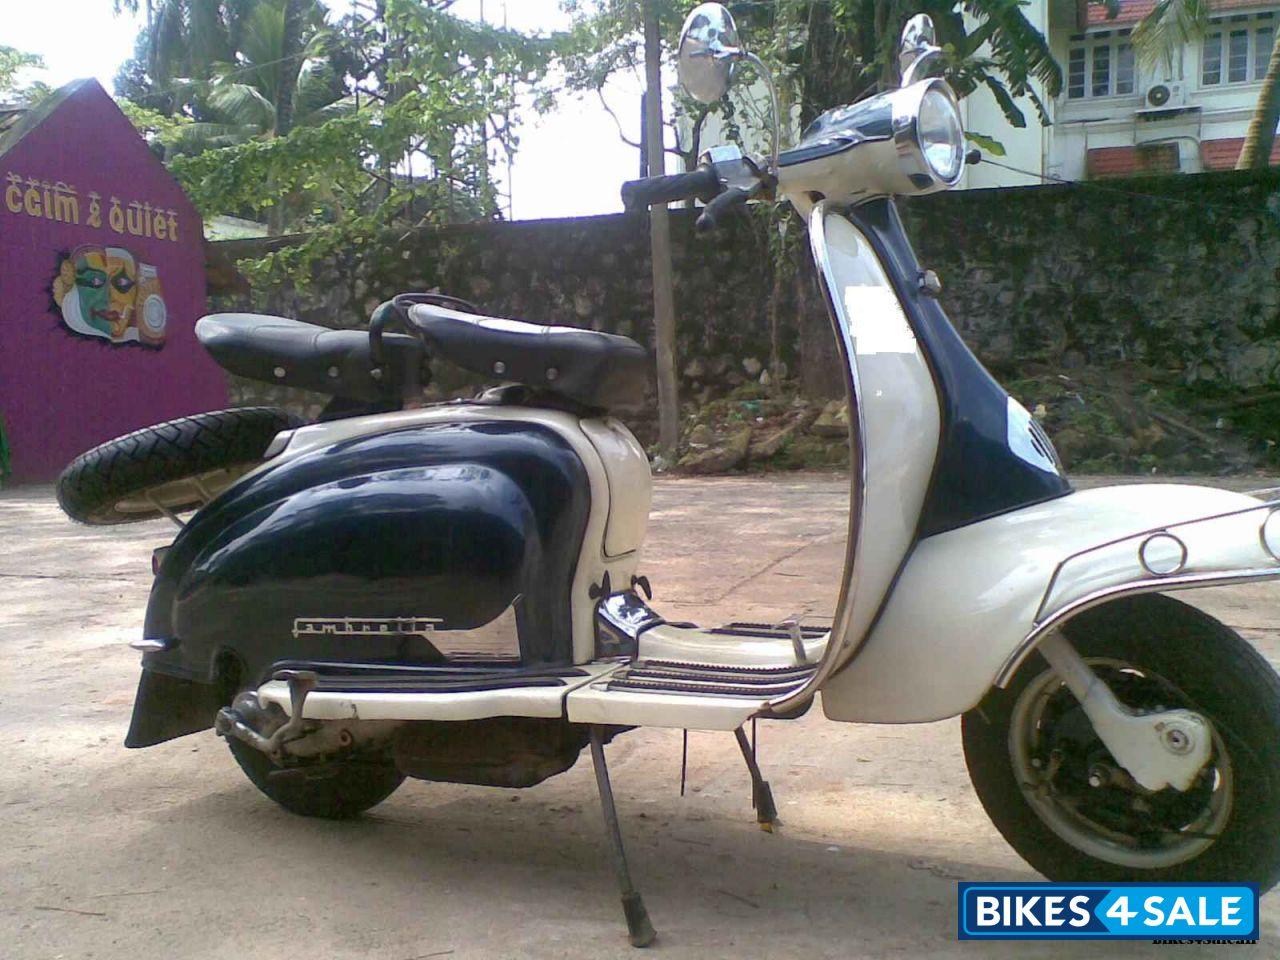 Vintage Scooter For Sale Vintage Scooter